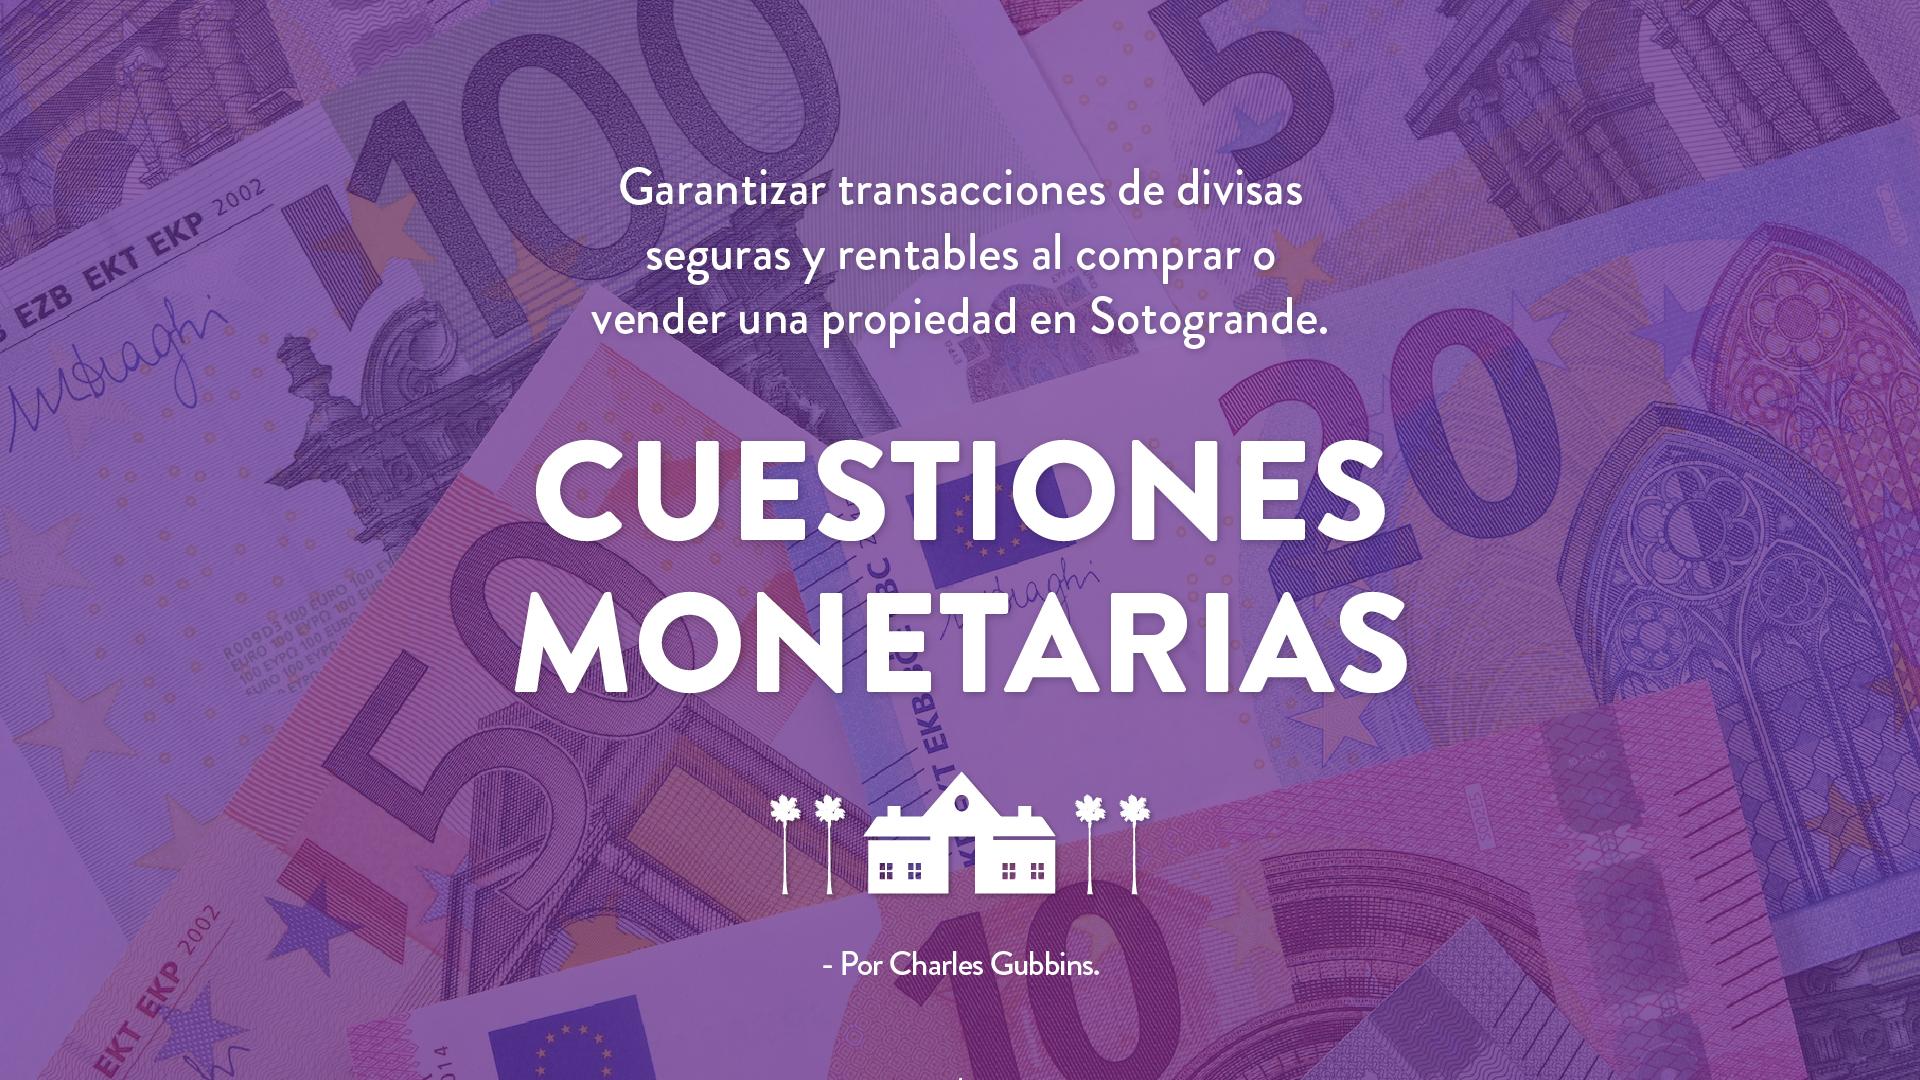 cuestiones-monetarias-garantizar-transacciones-inmobiliarias-seguras-y-rentables